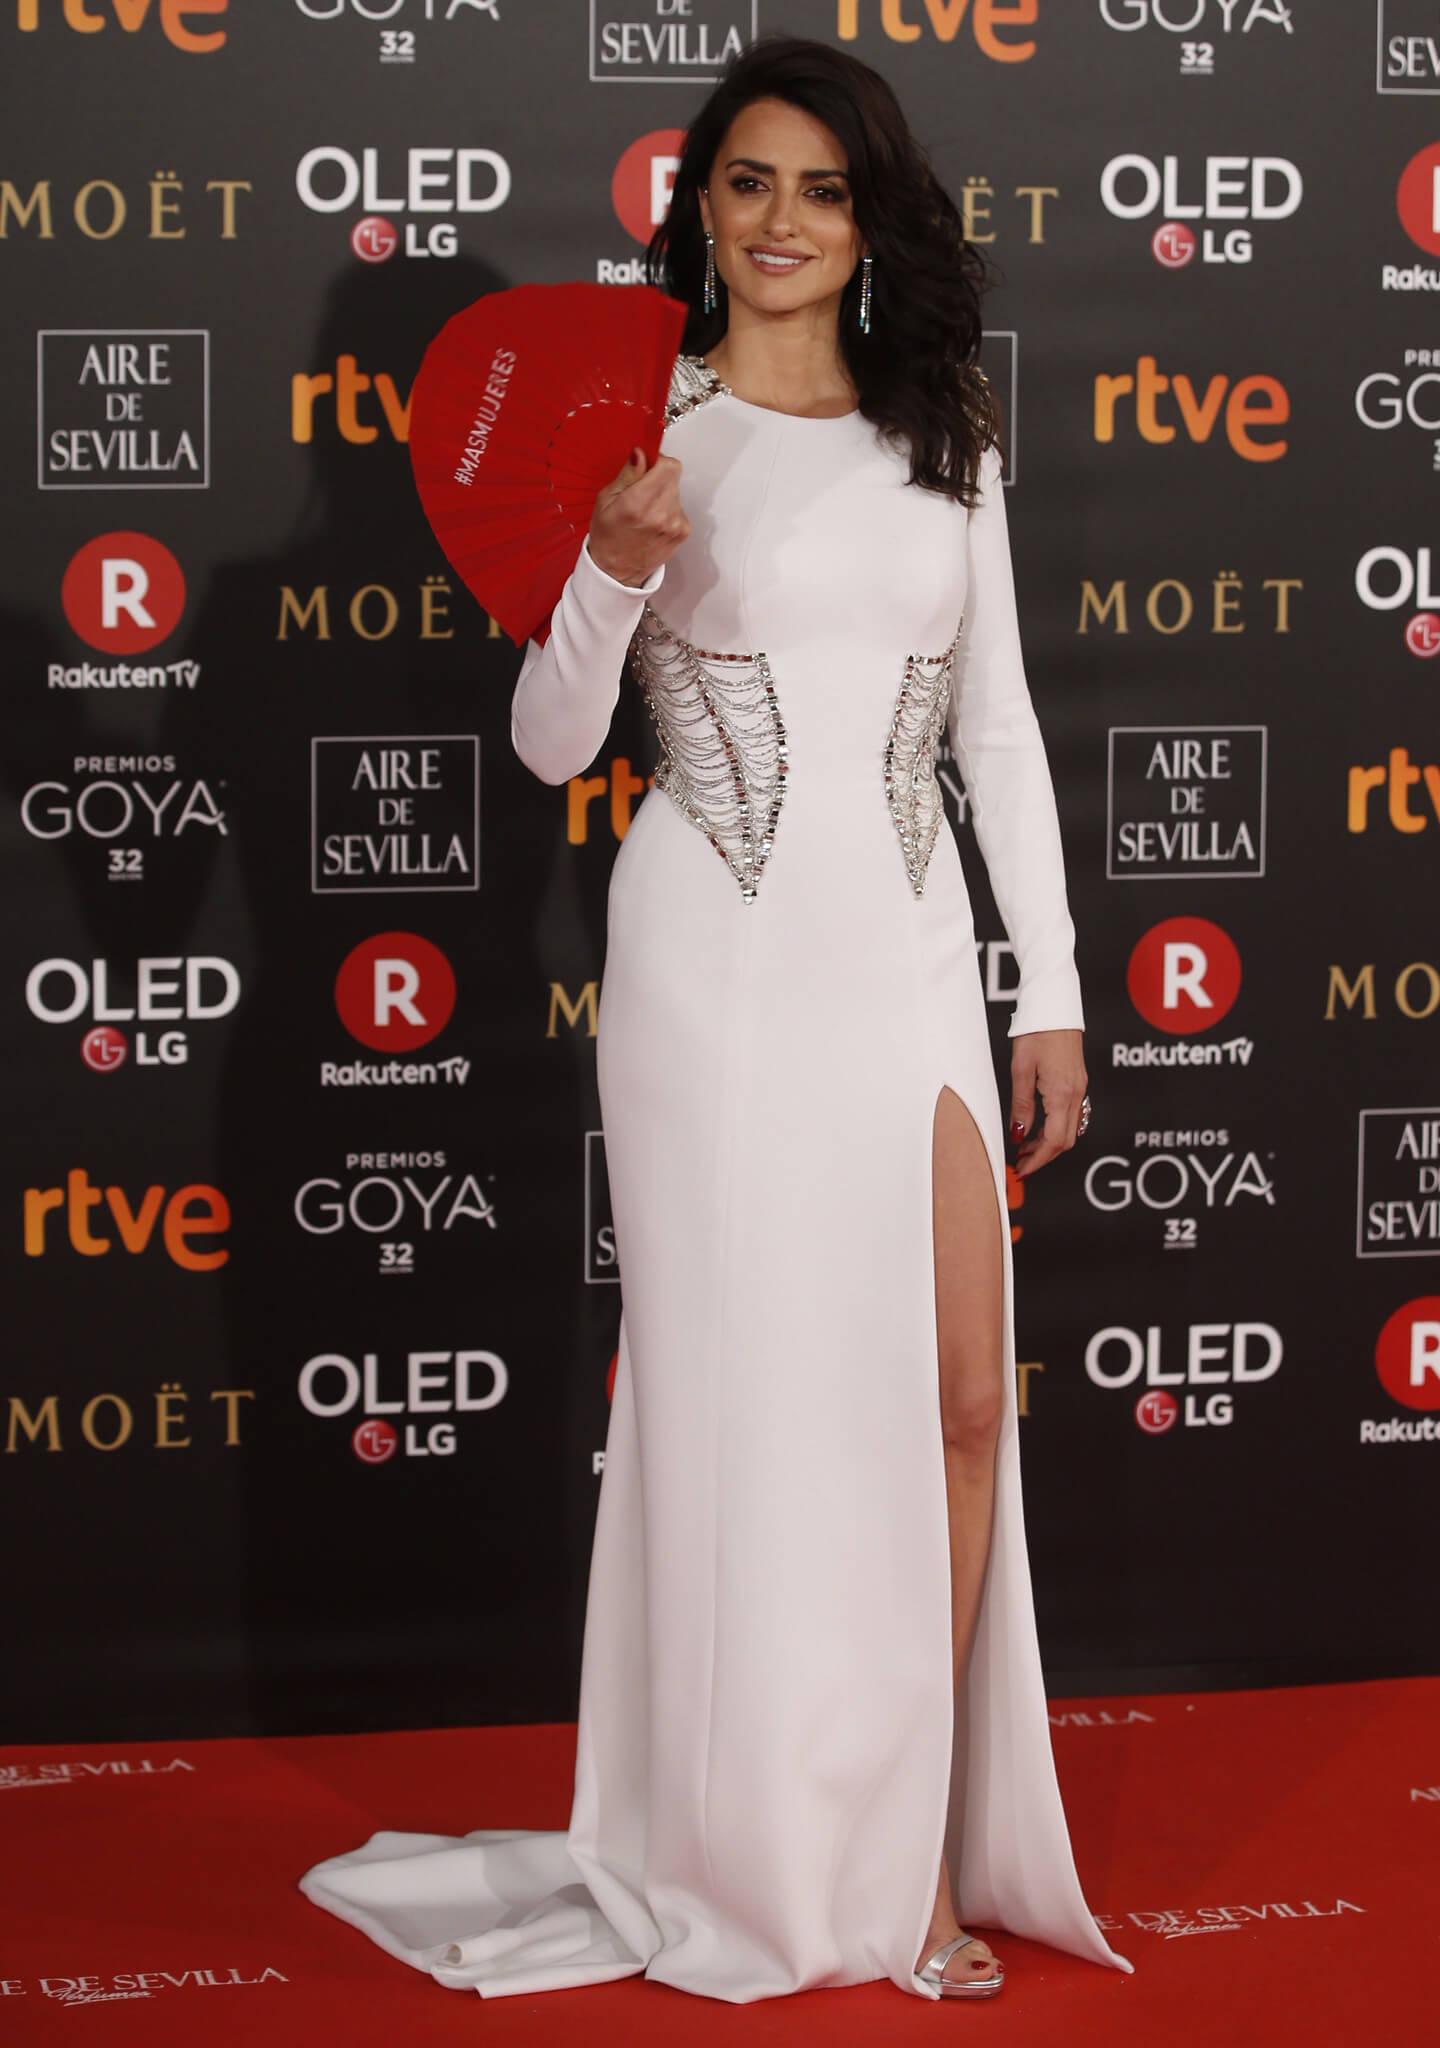 La actriz Penélope Cruz, nominada a mejor actriz por 'Loving Pablo'